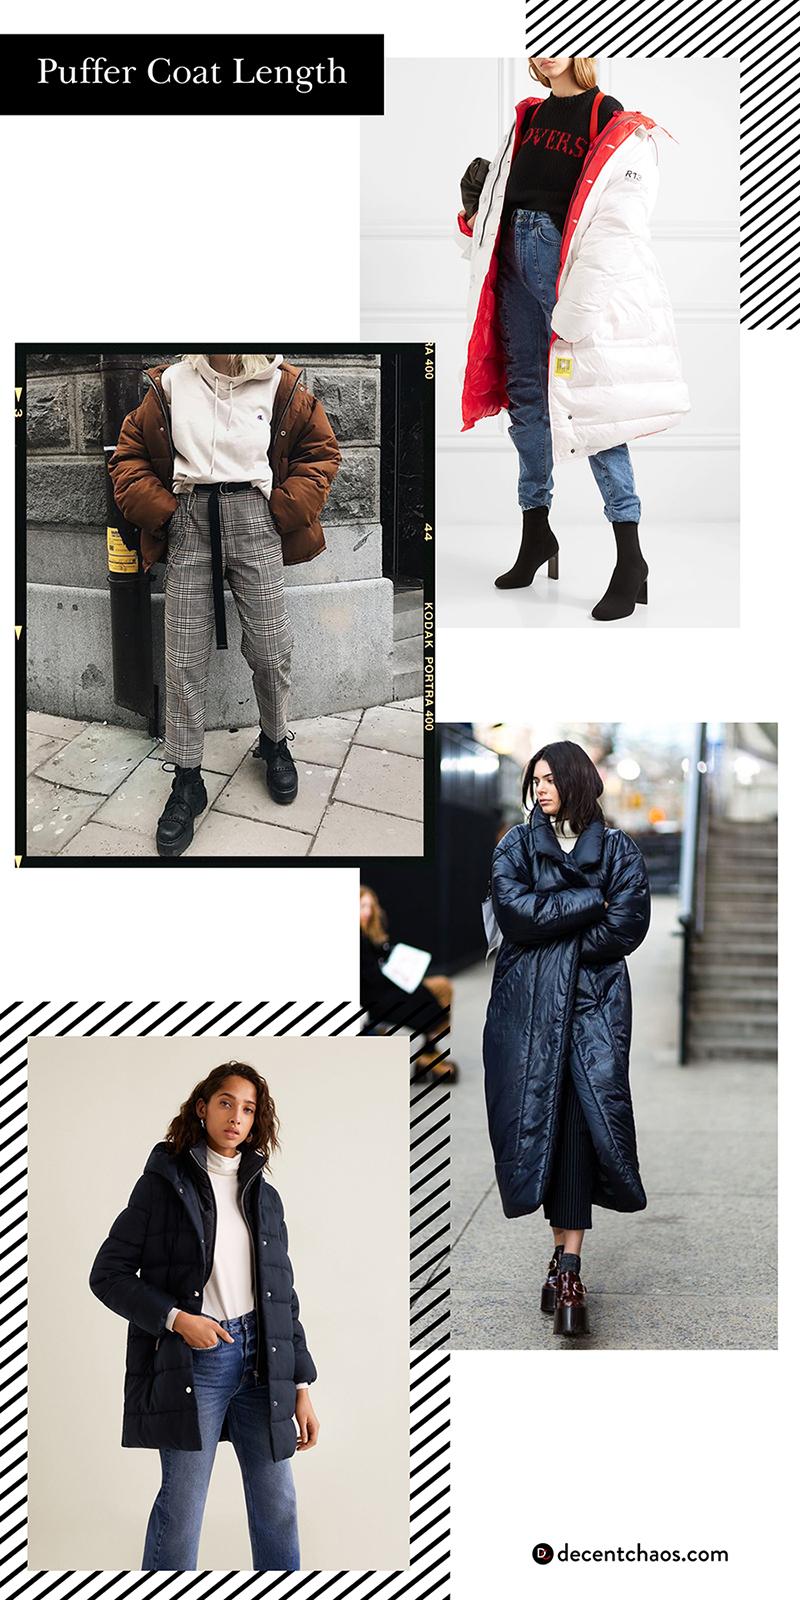 puffer-coat-lenght.jpg